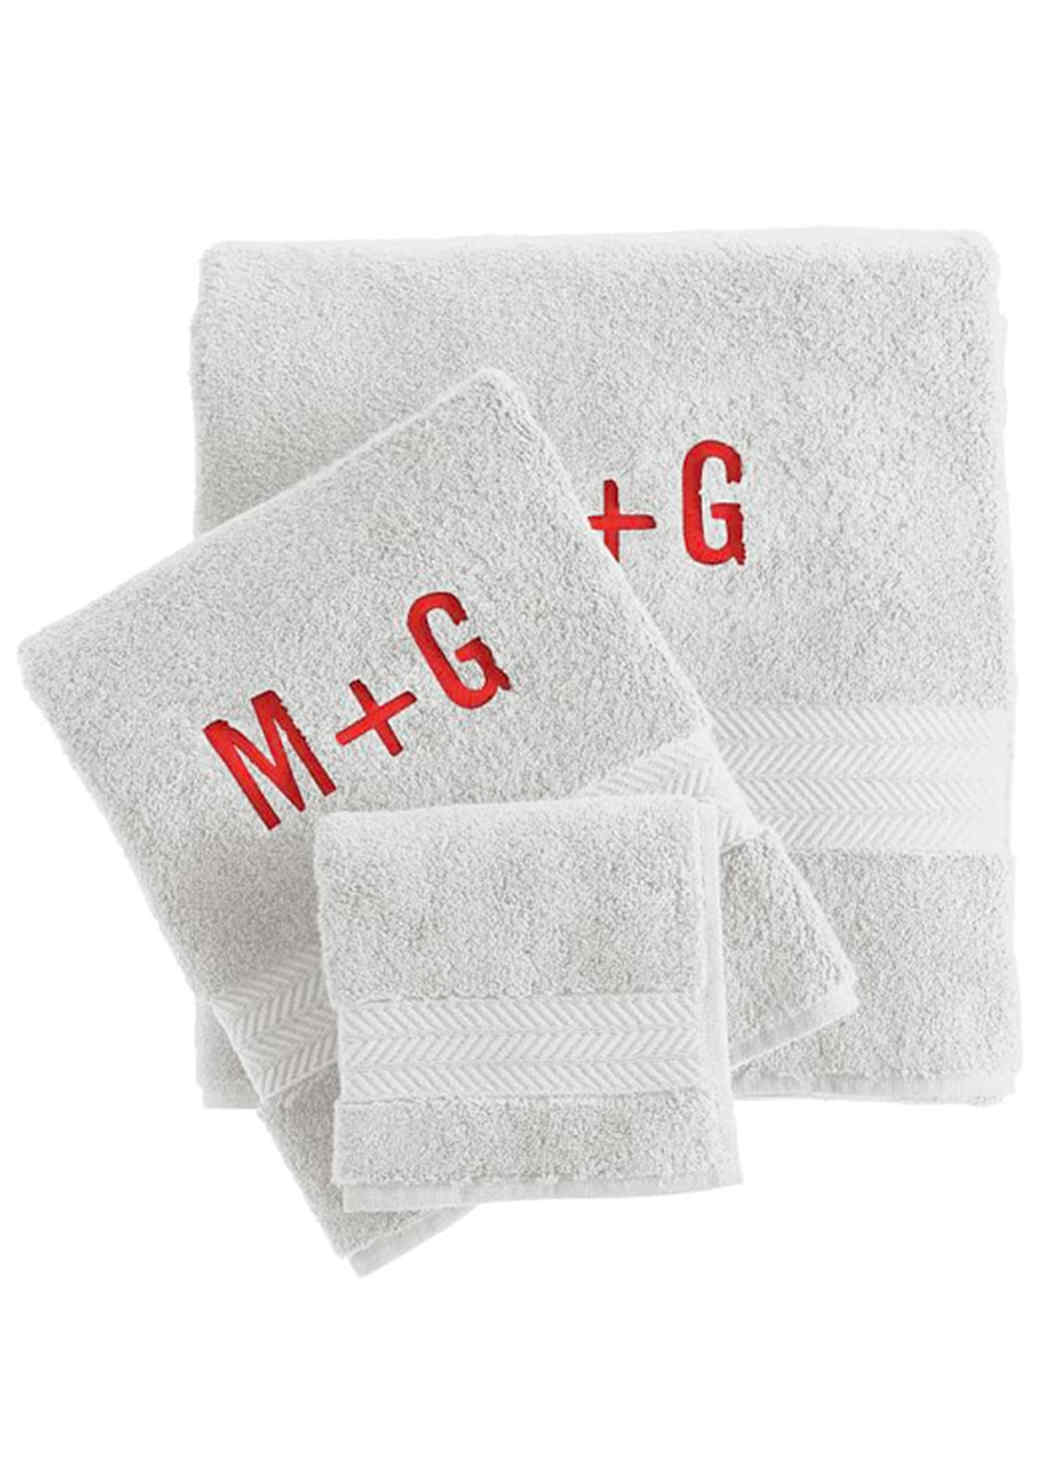 monogrammed-turkish-towels.jpg (skyword:196092)